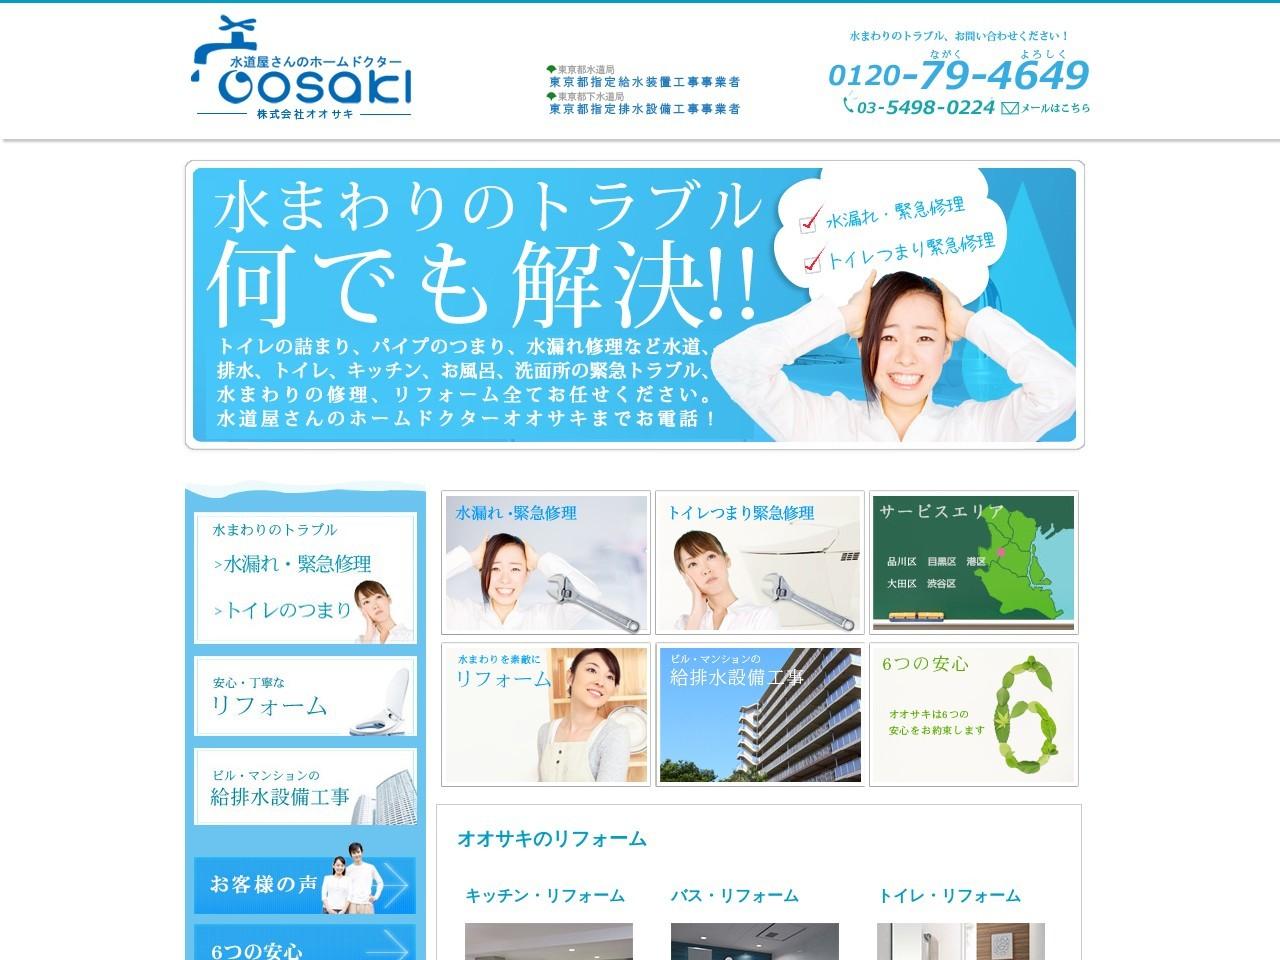 株式会社オオサキ